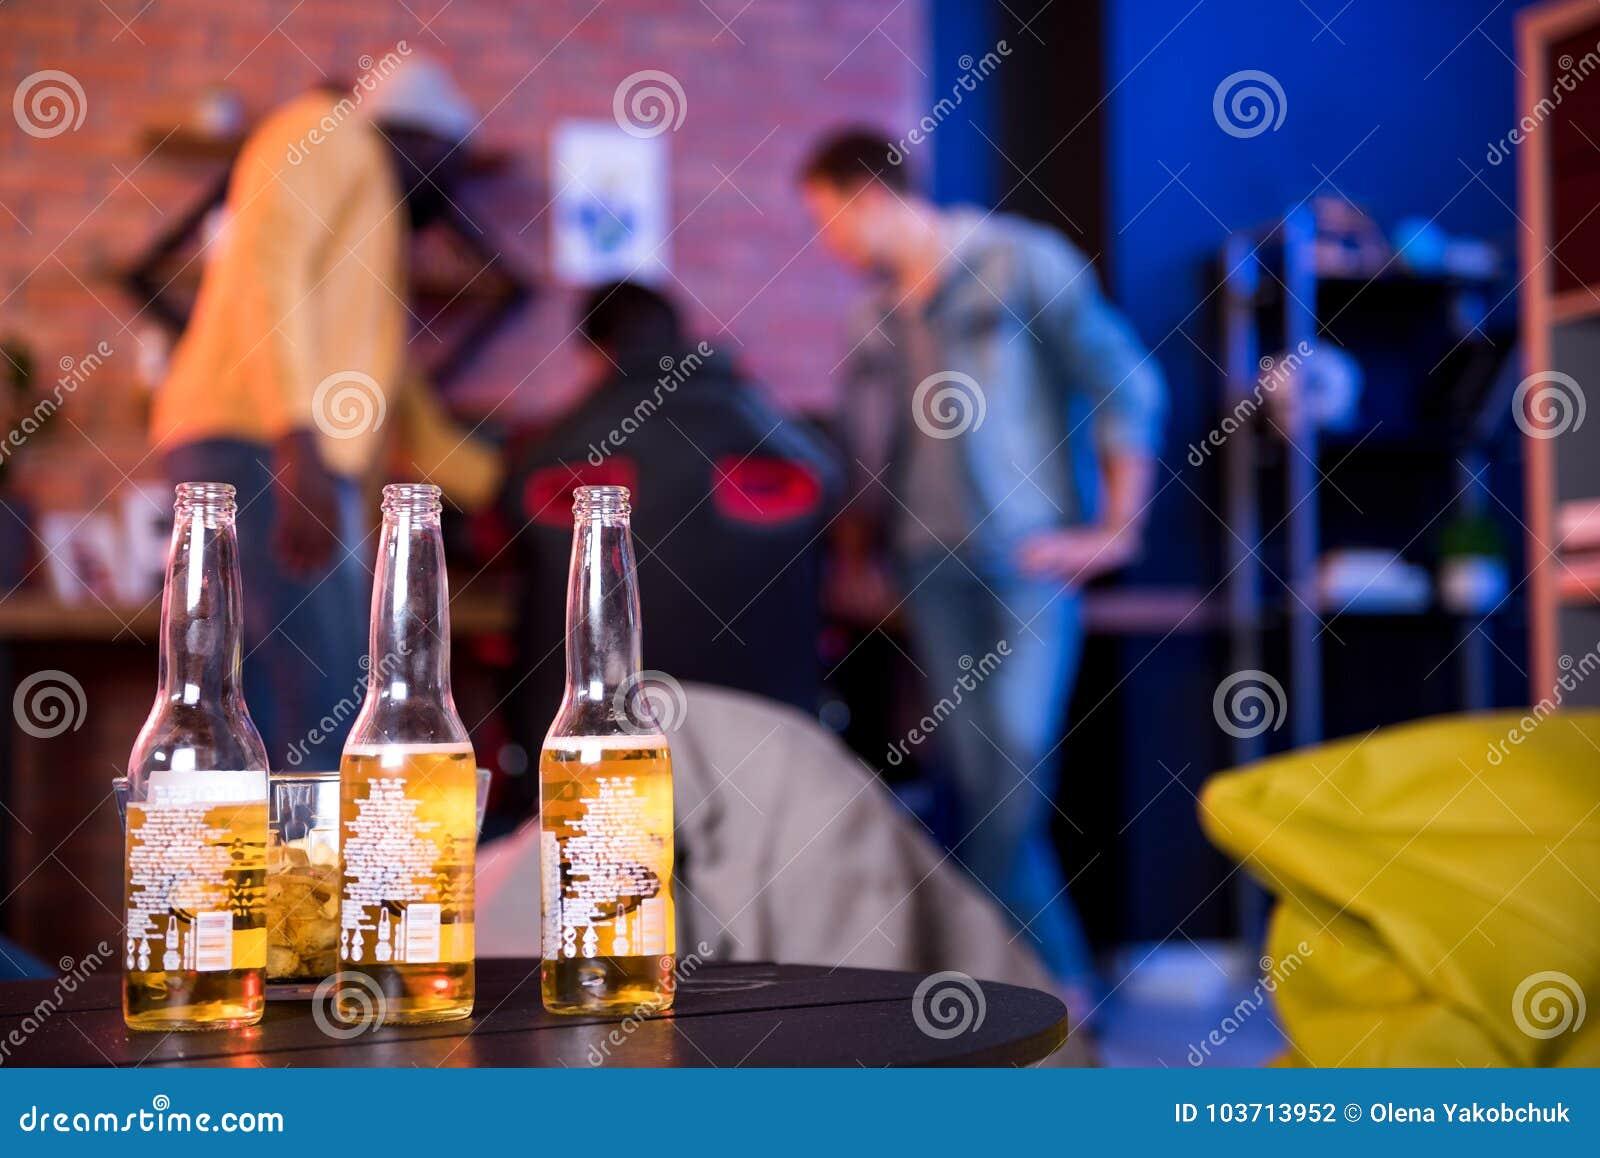 Οι ευχάριστοι φίλοι πίνουν την αγγλική μπύρα στο σπίτι